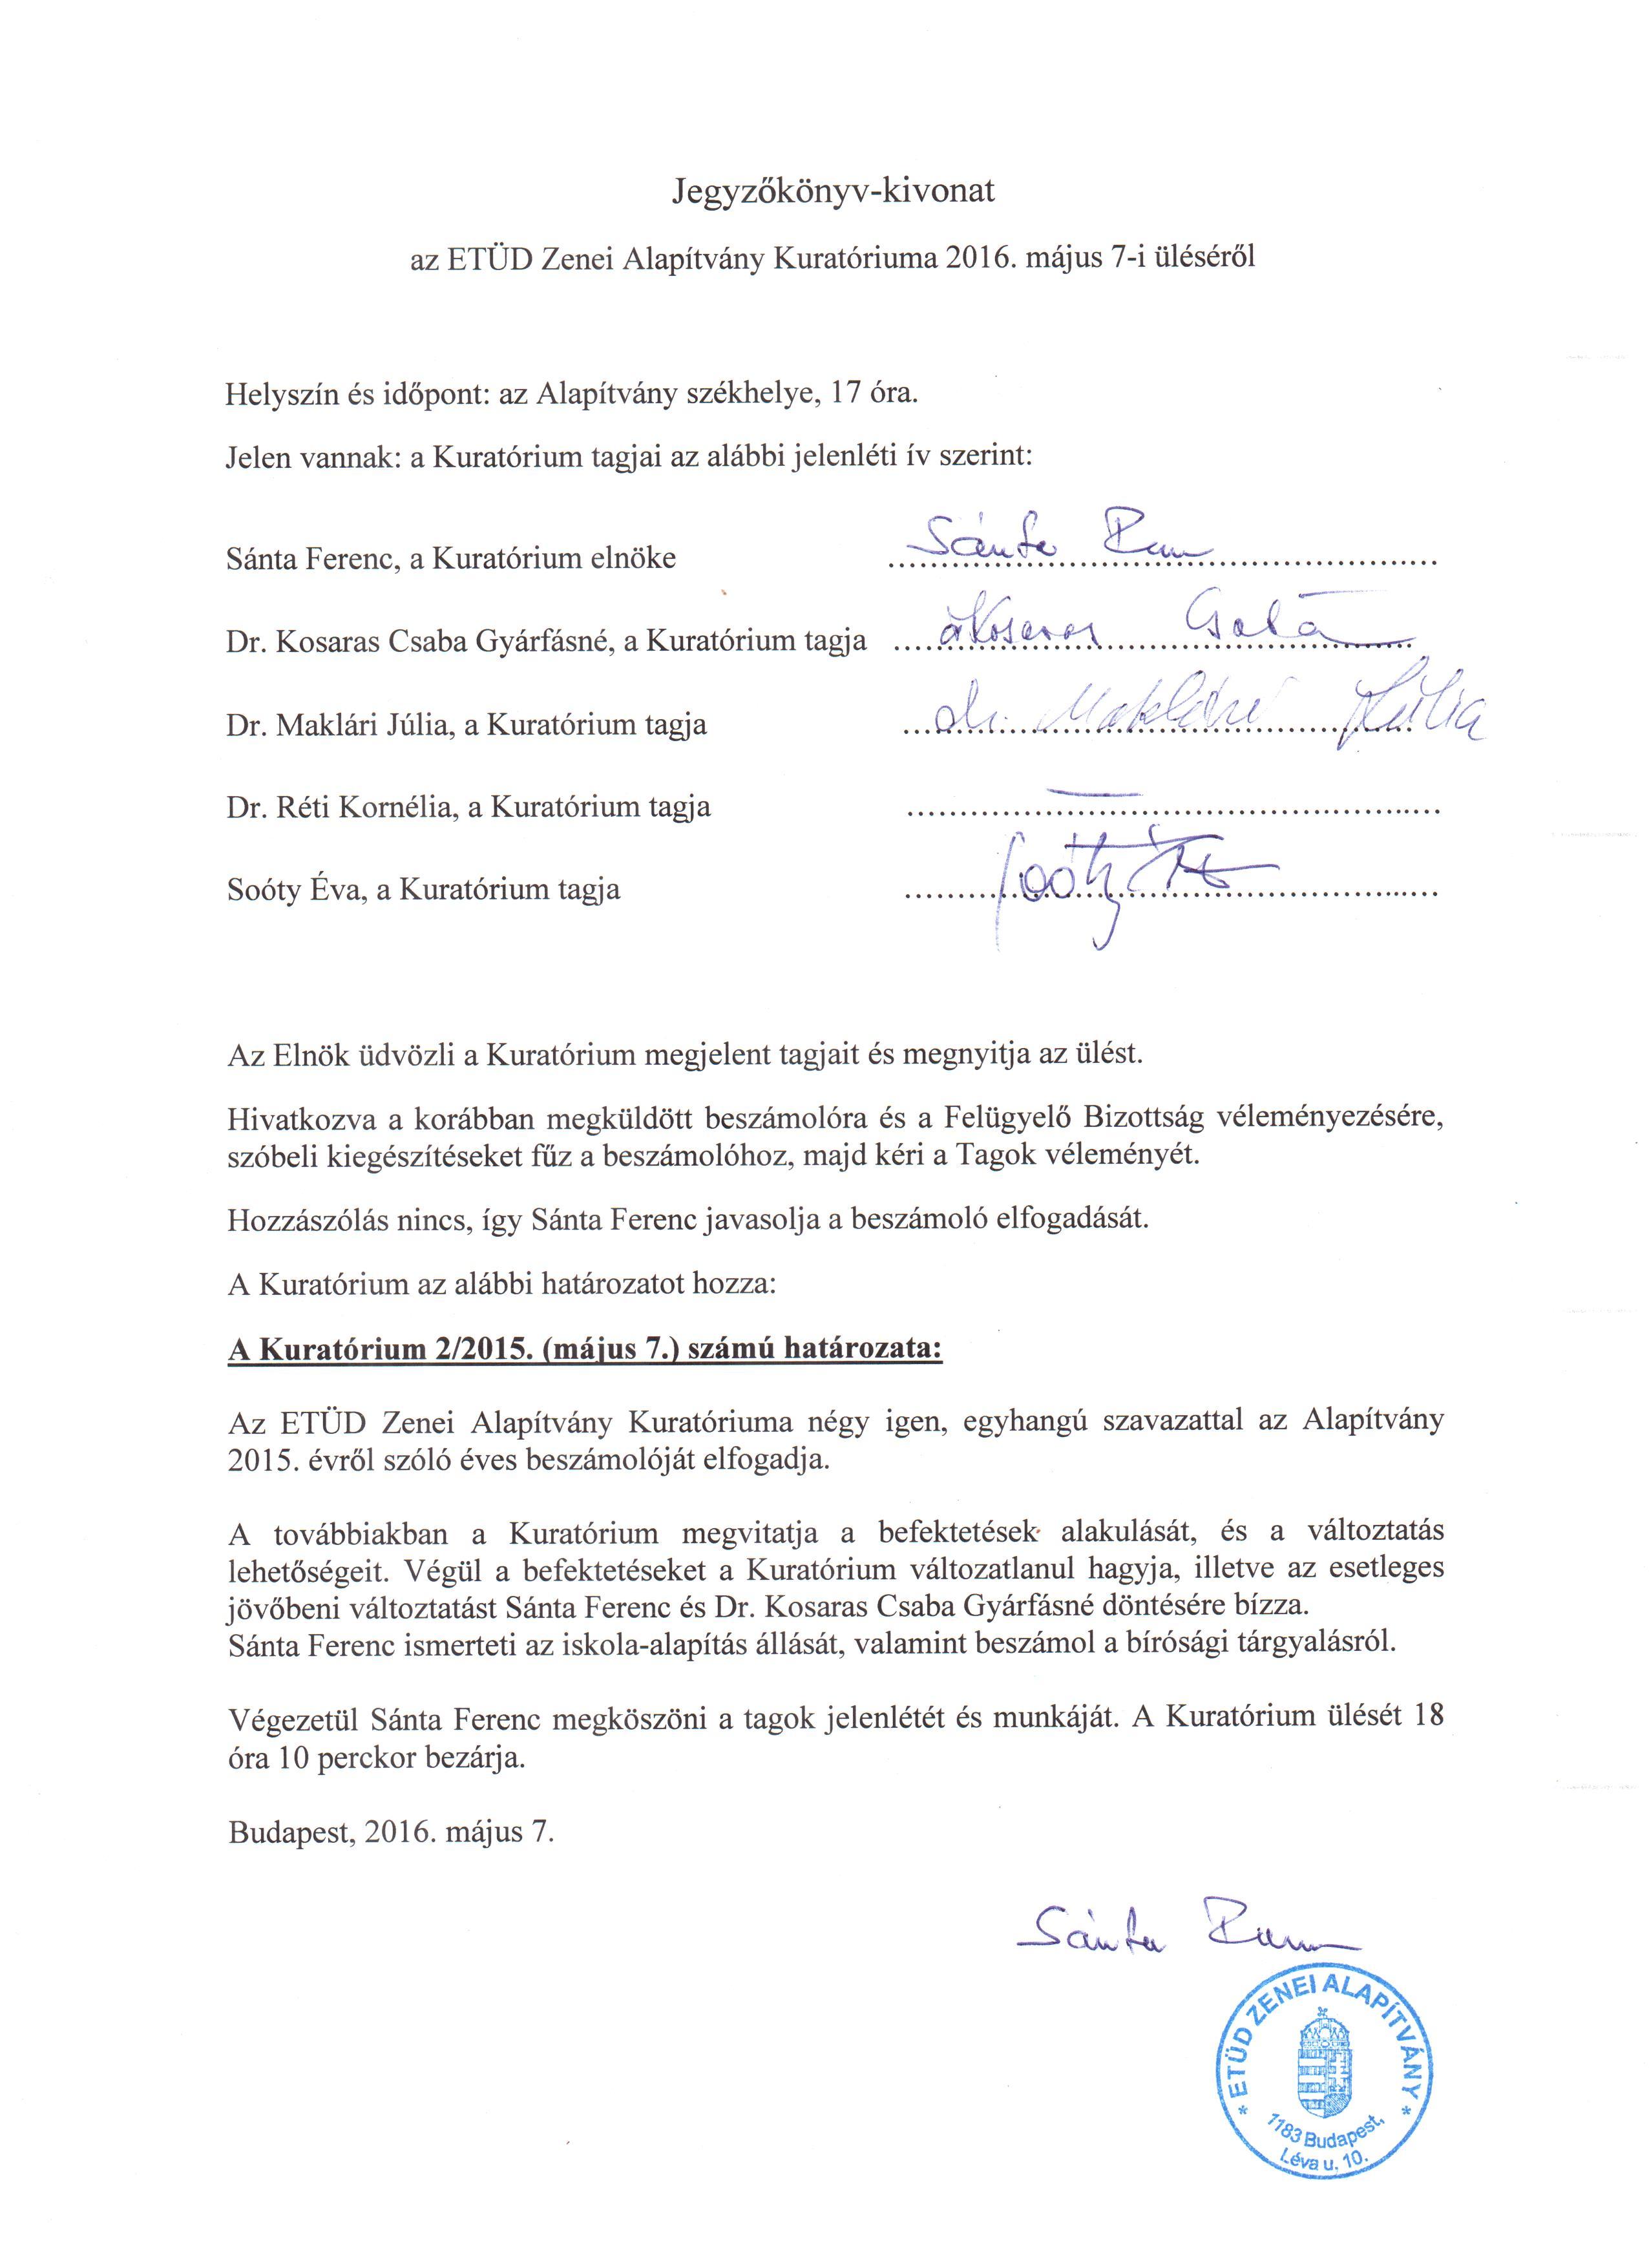 Jegyzőkonyv-kivonat a Kuratórium 2016. május 7-i üléséről